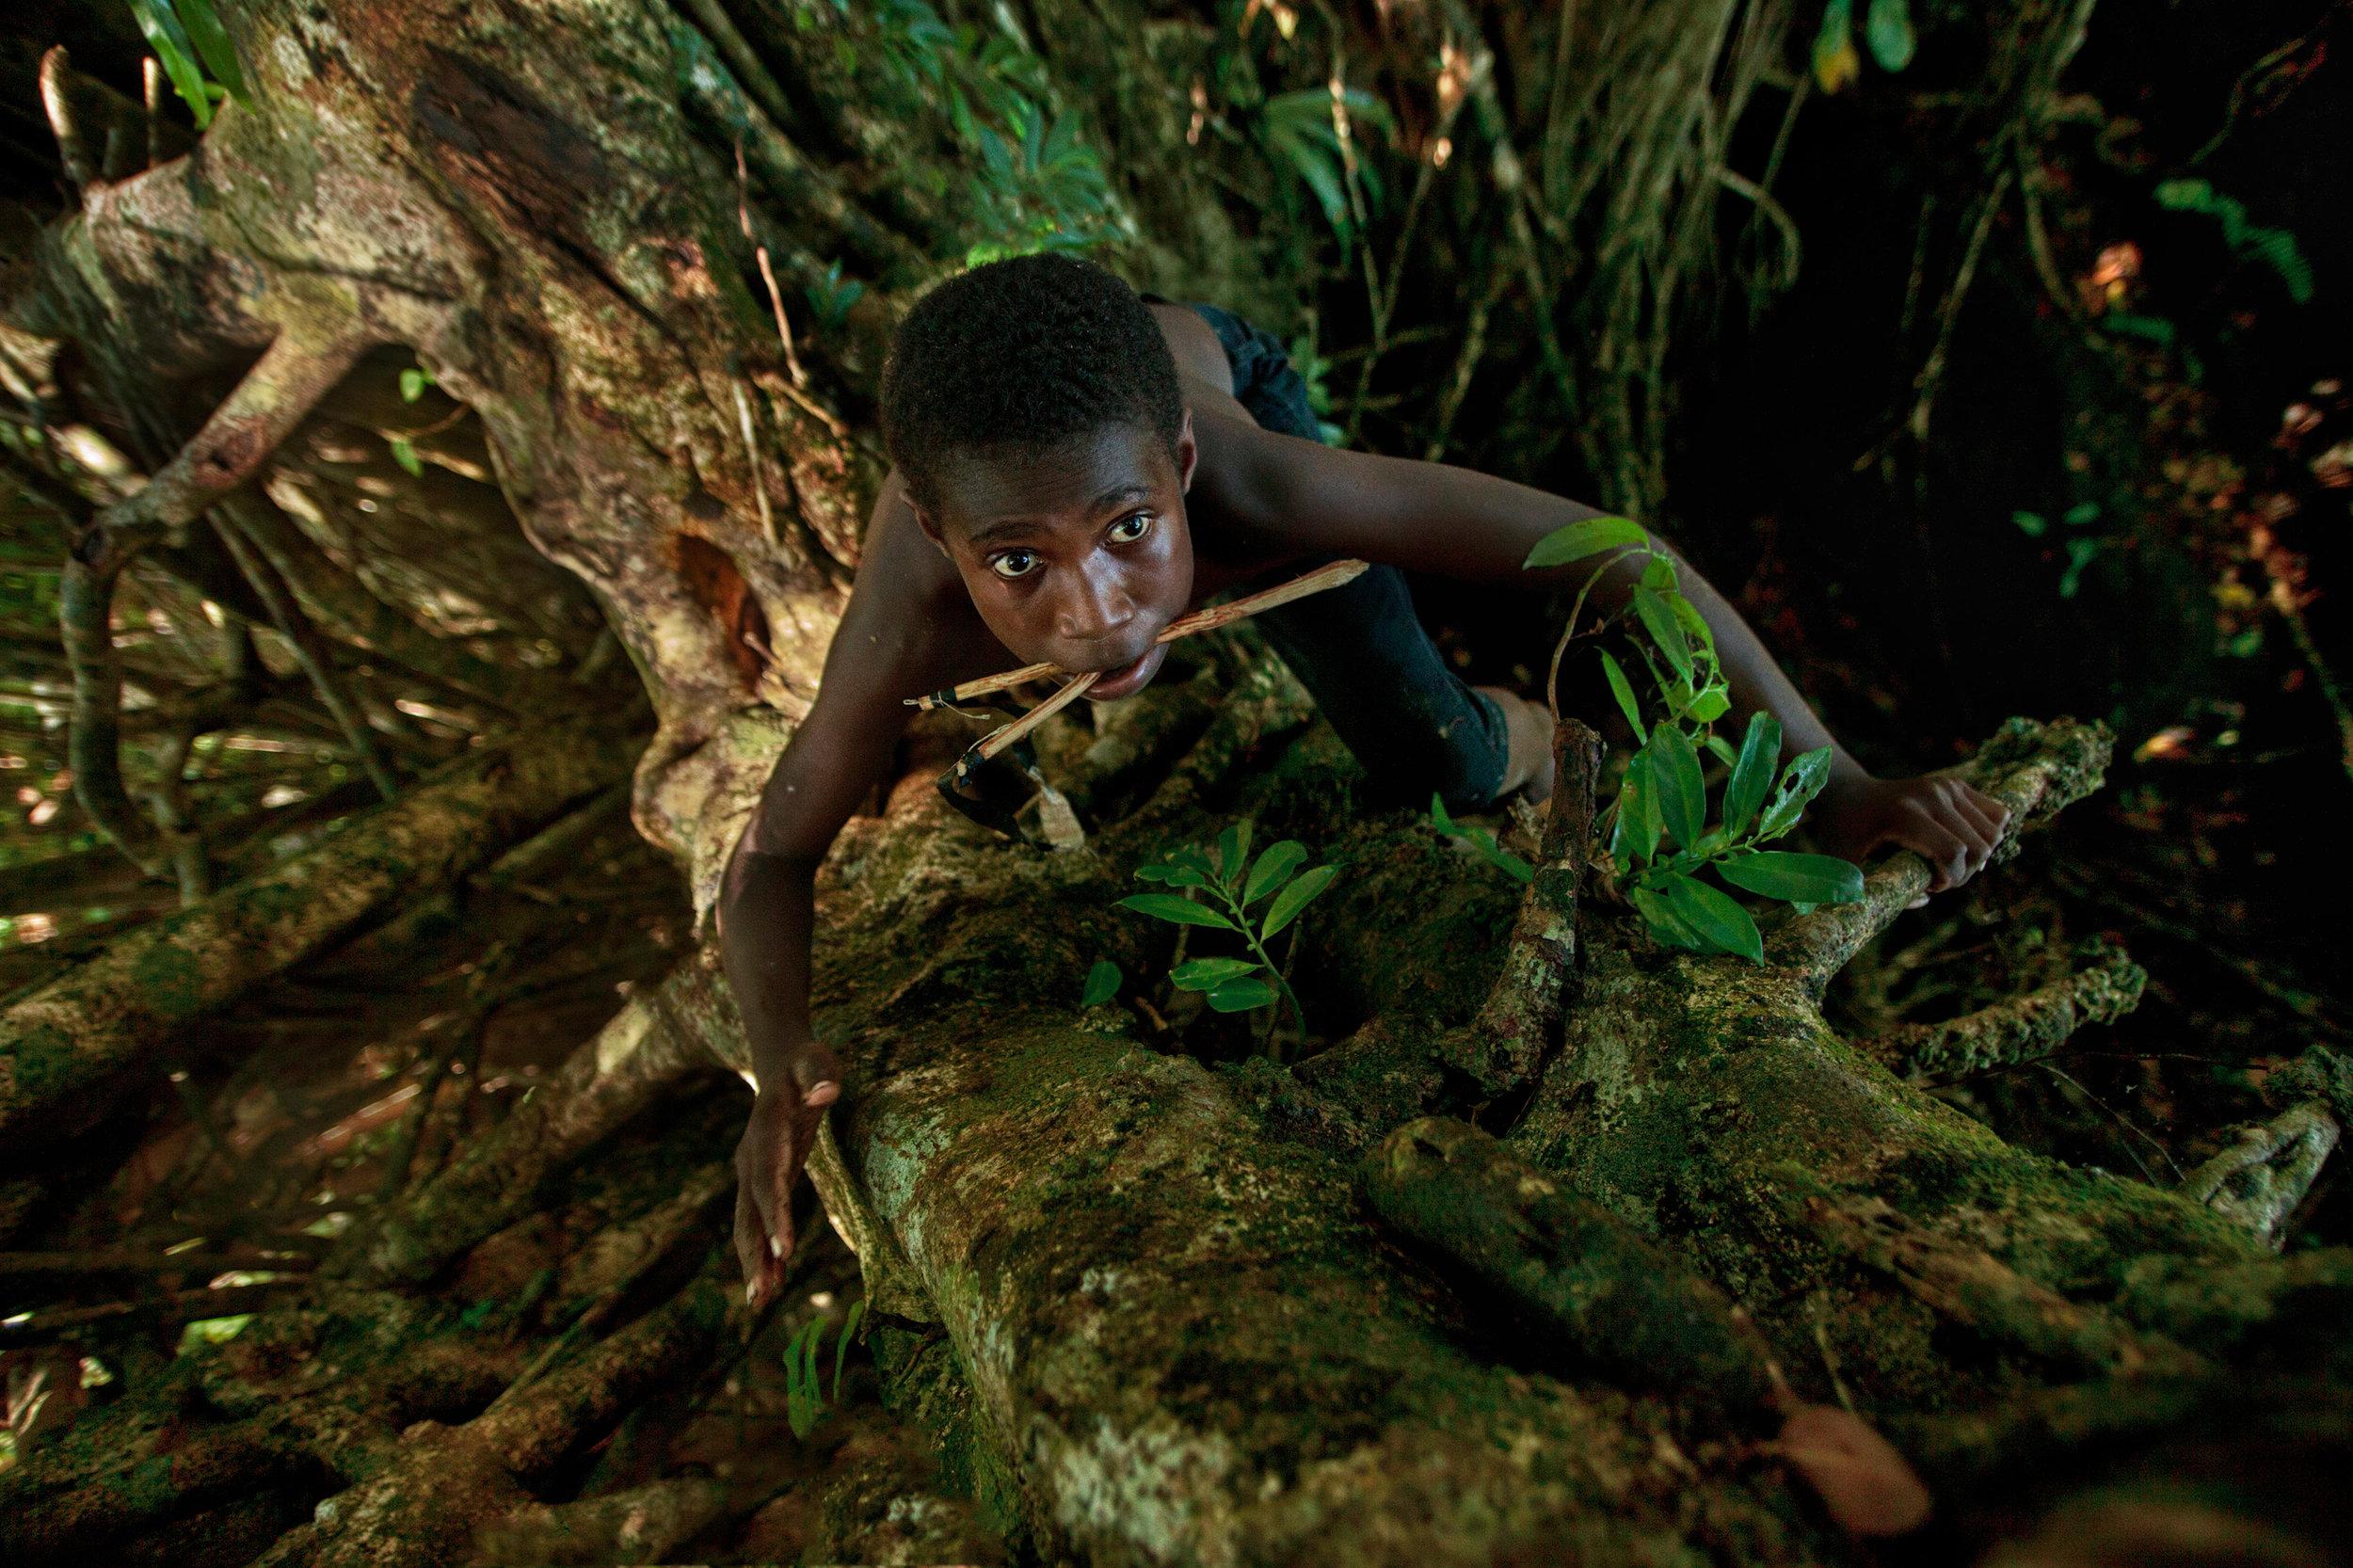 travel-photography-tips-boy-climbs-tree